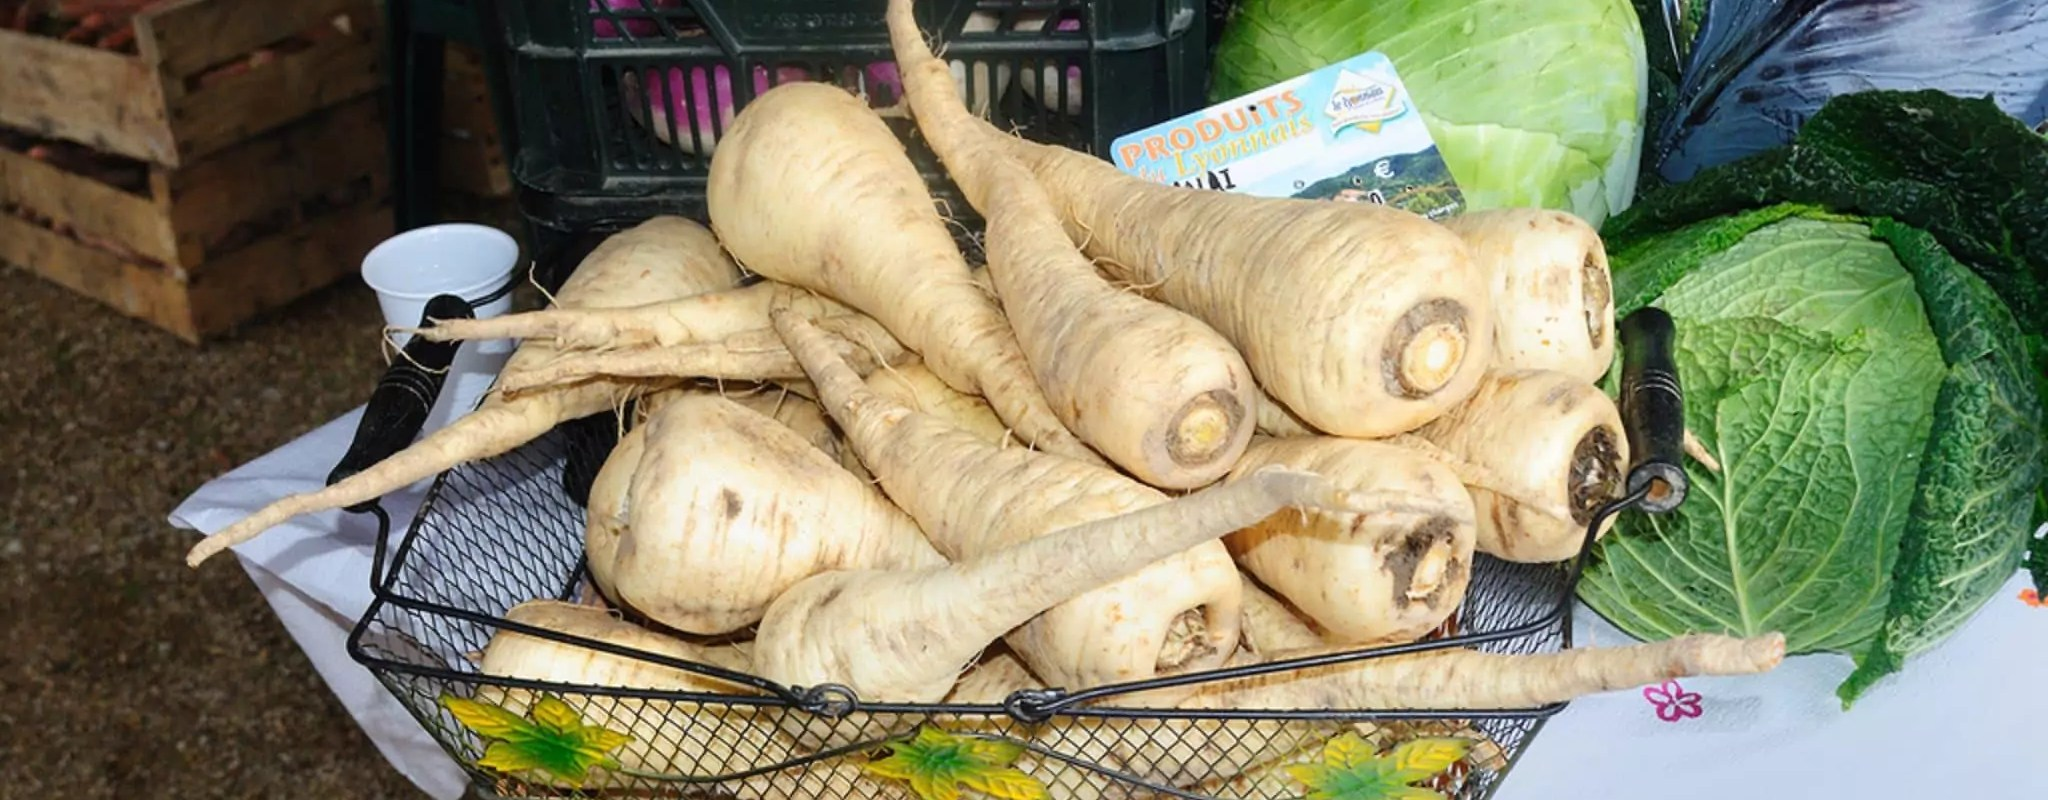 Où s'abonner à un panier de légumes en AMAP à Strasbourg?